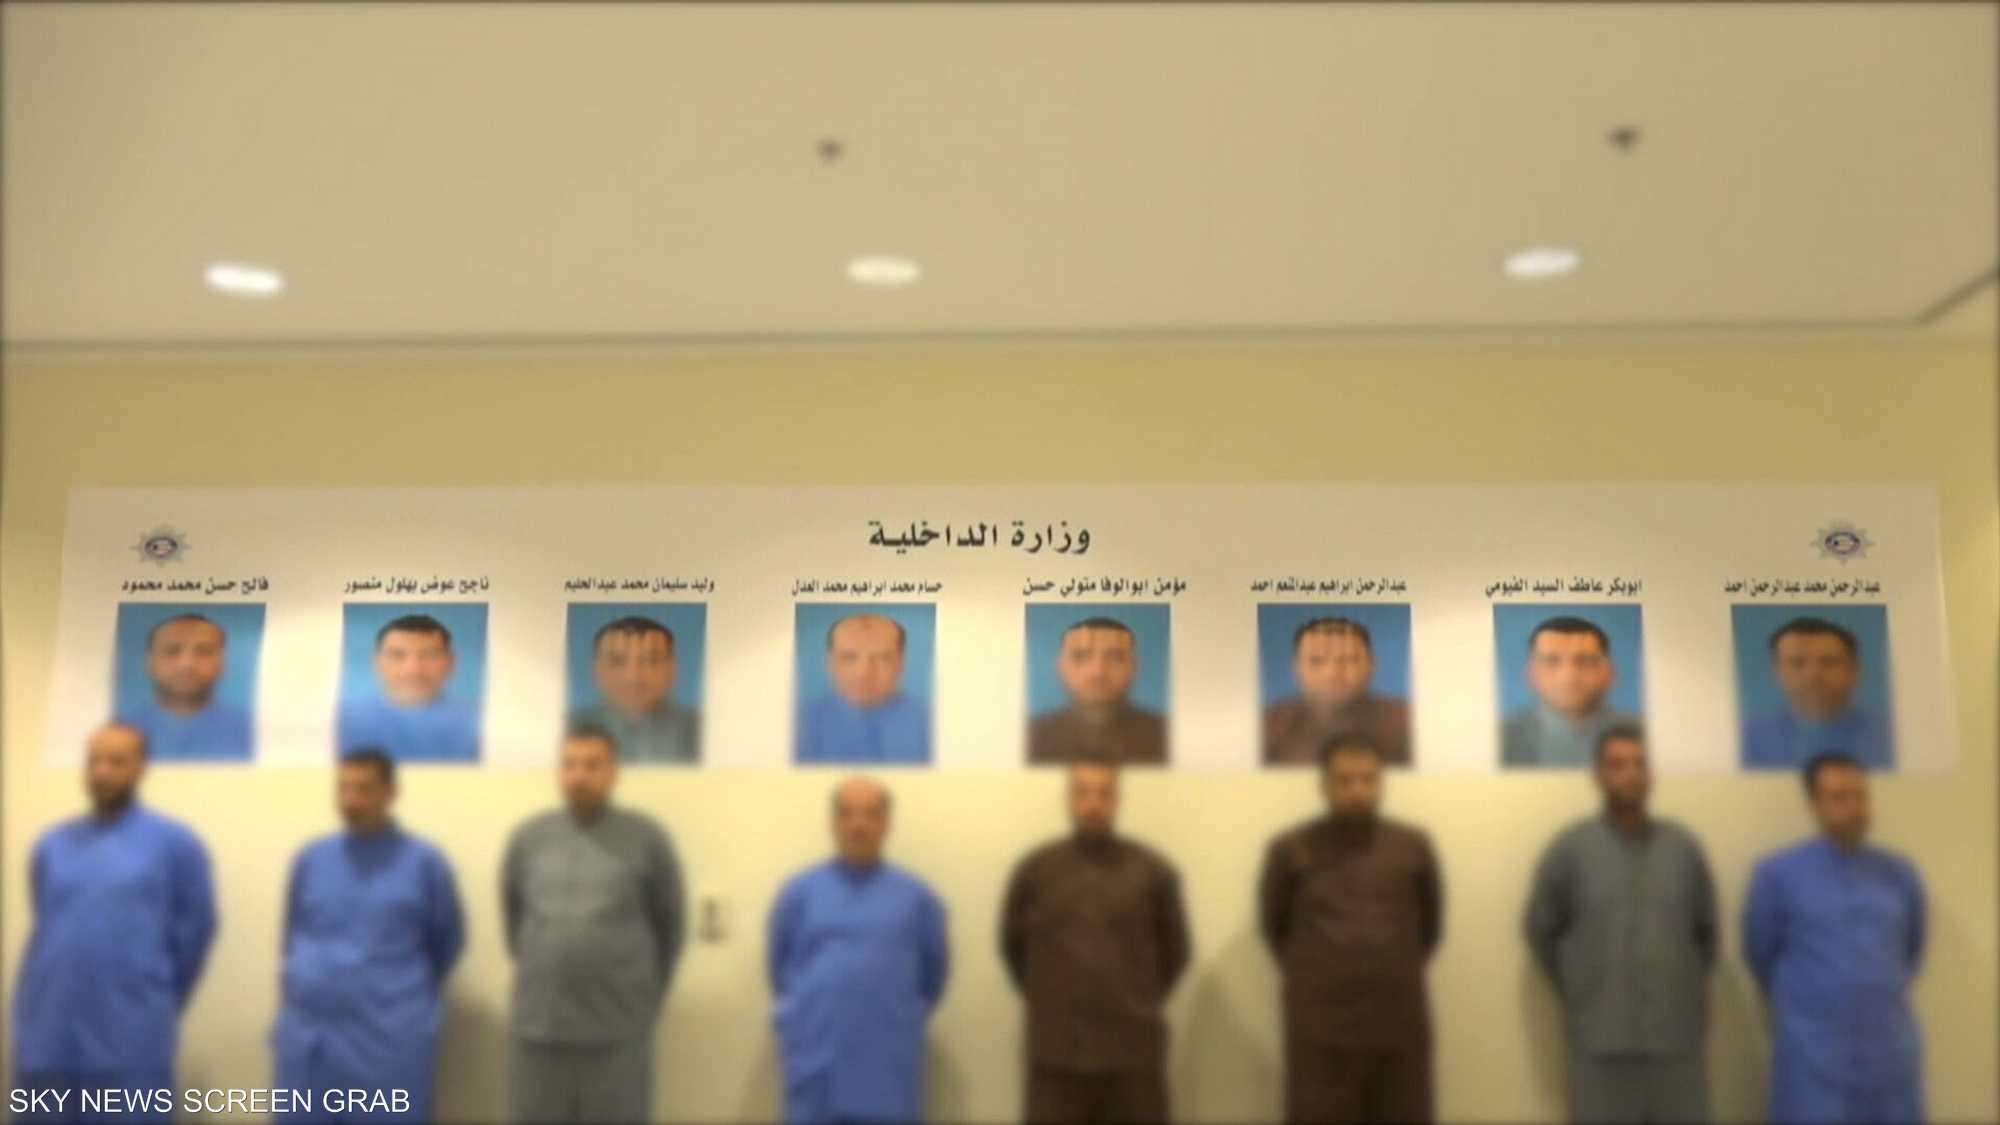 الكويت تسلم خلية الإخوان الإرهابية إلى مصر